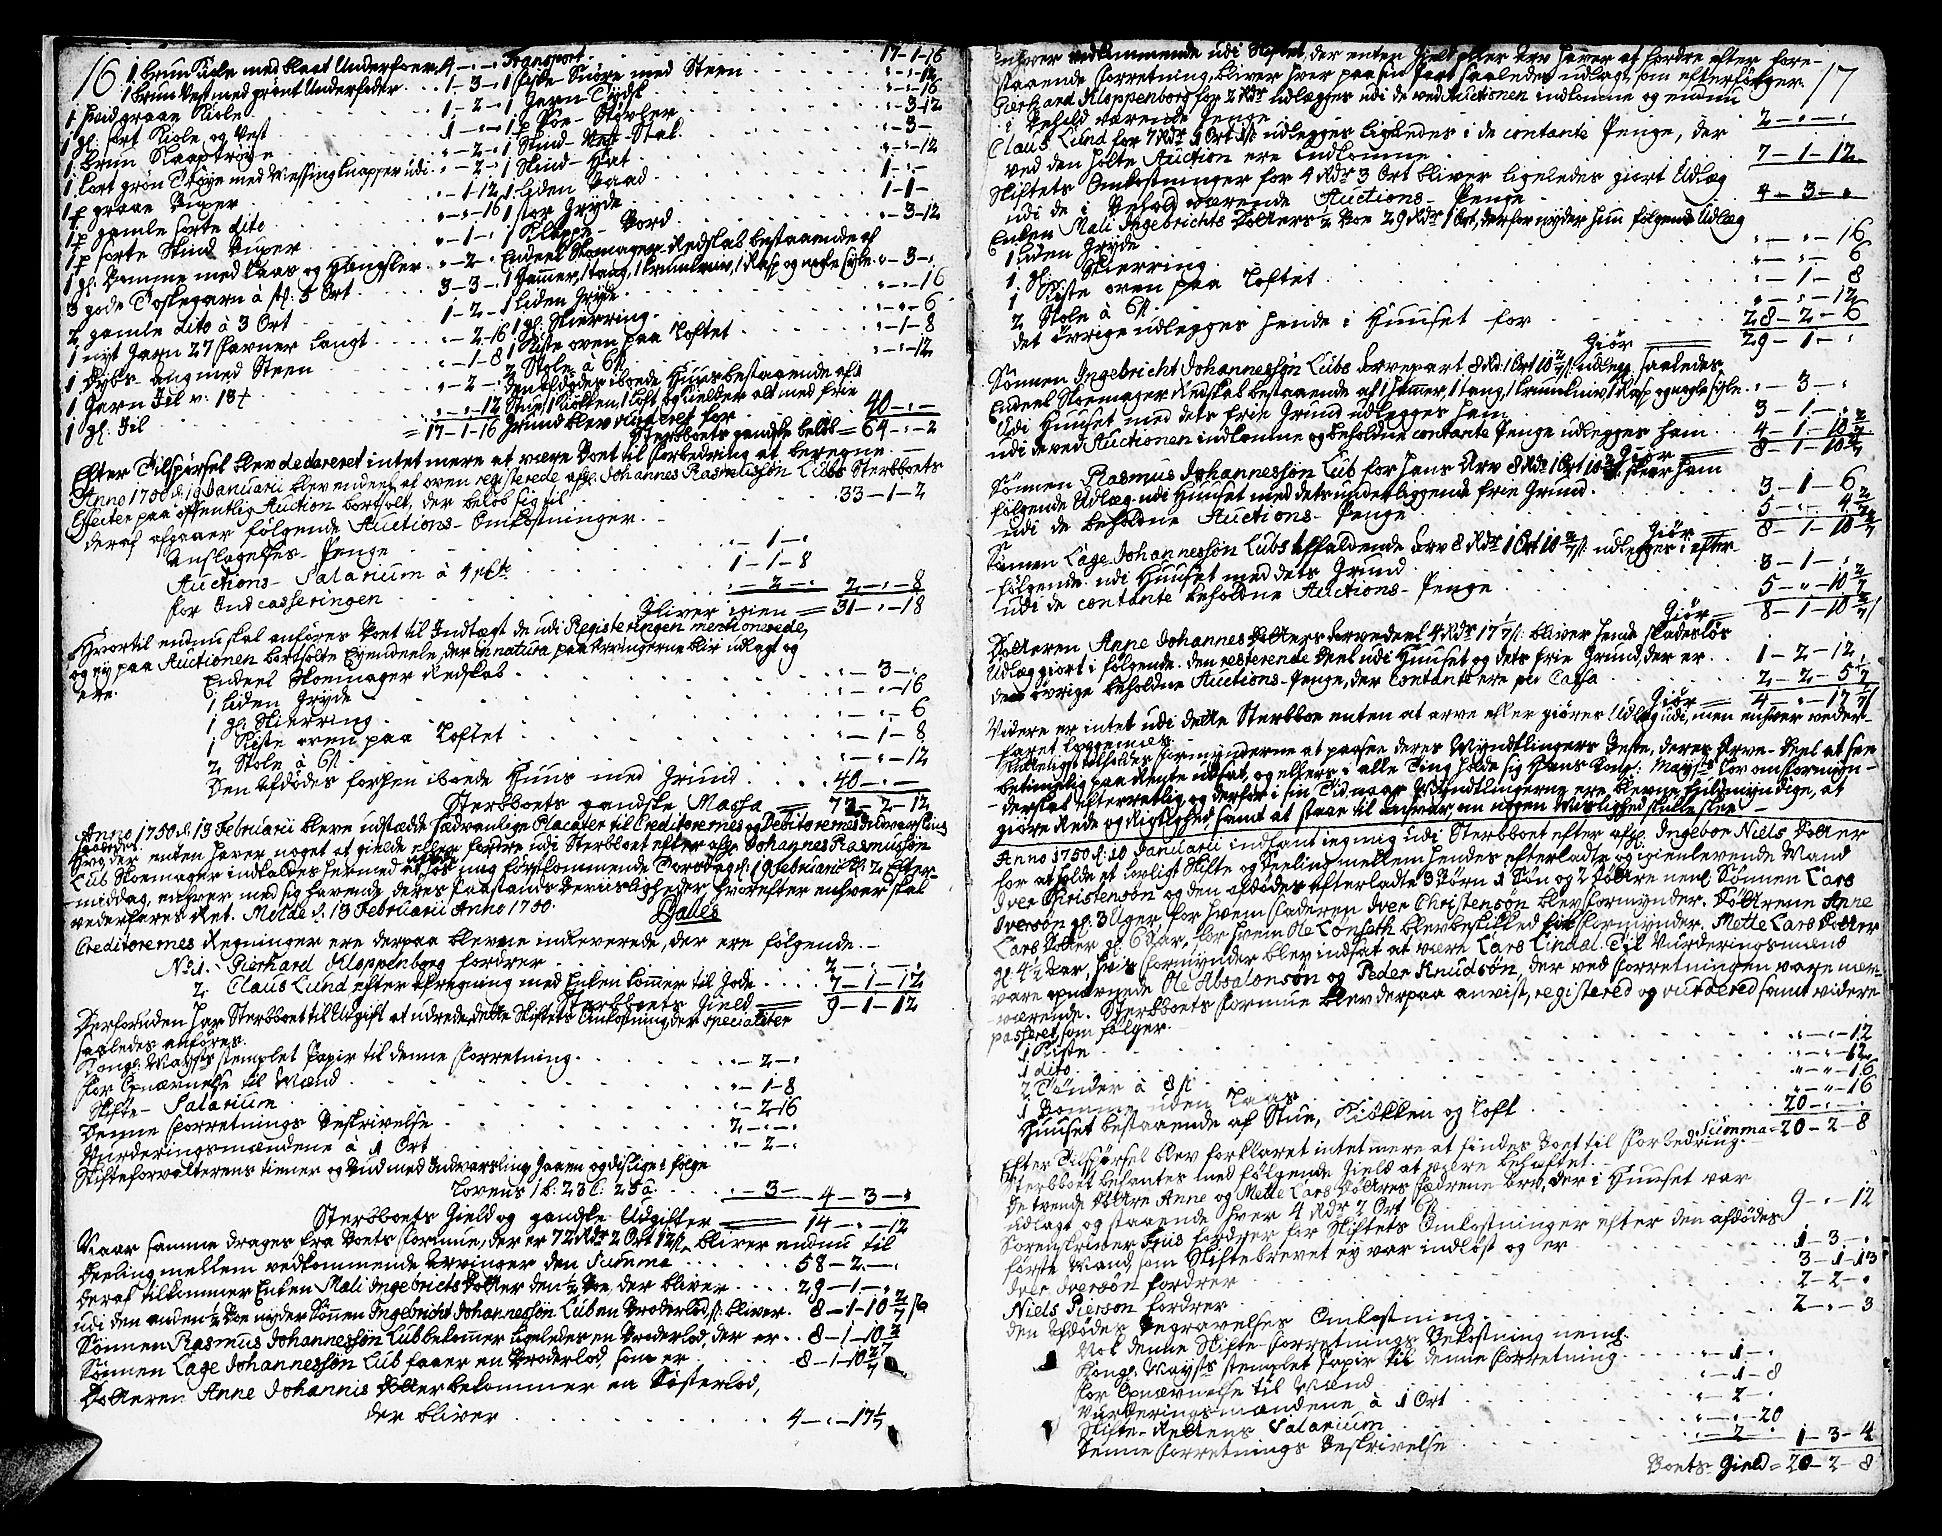 SAT, Molde byfogd, 3/3Aa/L0001: Skifteprotokoll, 1748-1768, p. 16-17